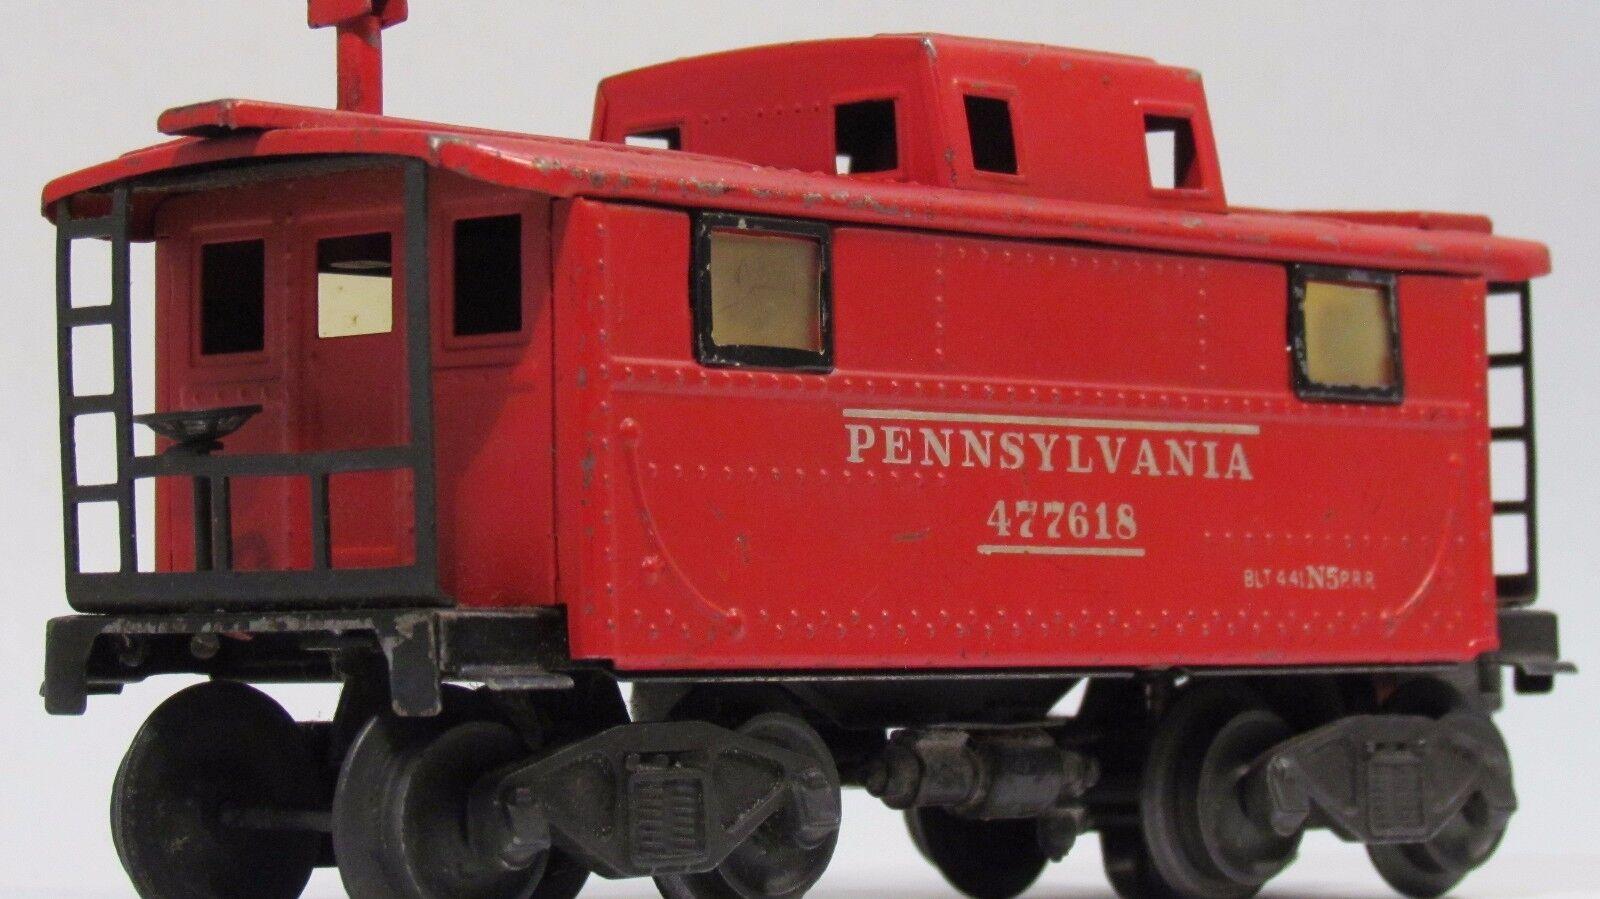 Tren Lionel o calibre  671 [Typec] locomotora y el ténder, Excelente Condición